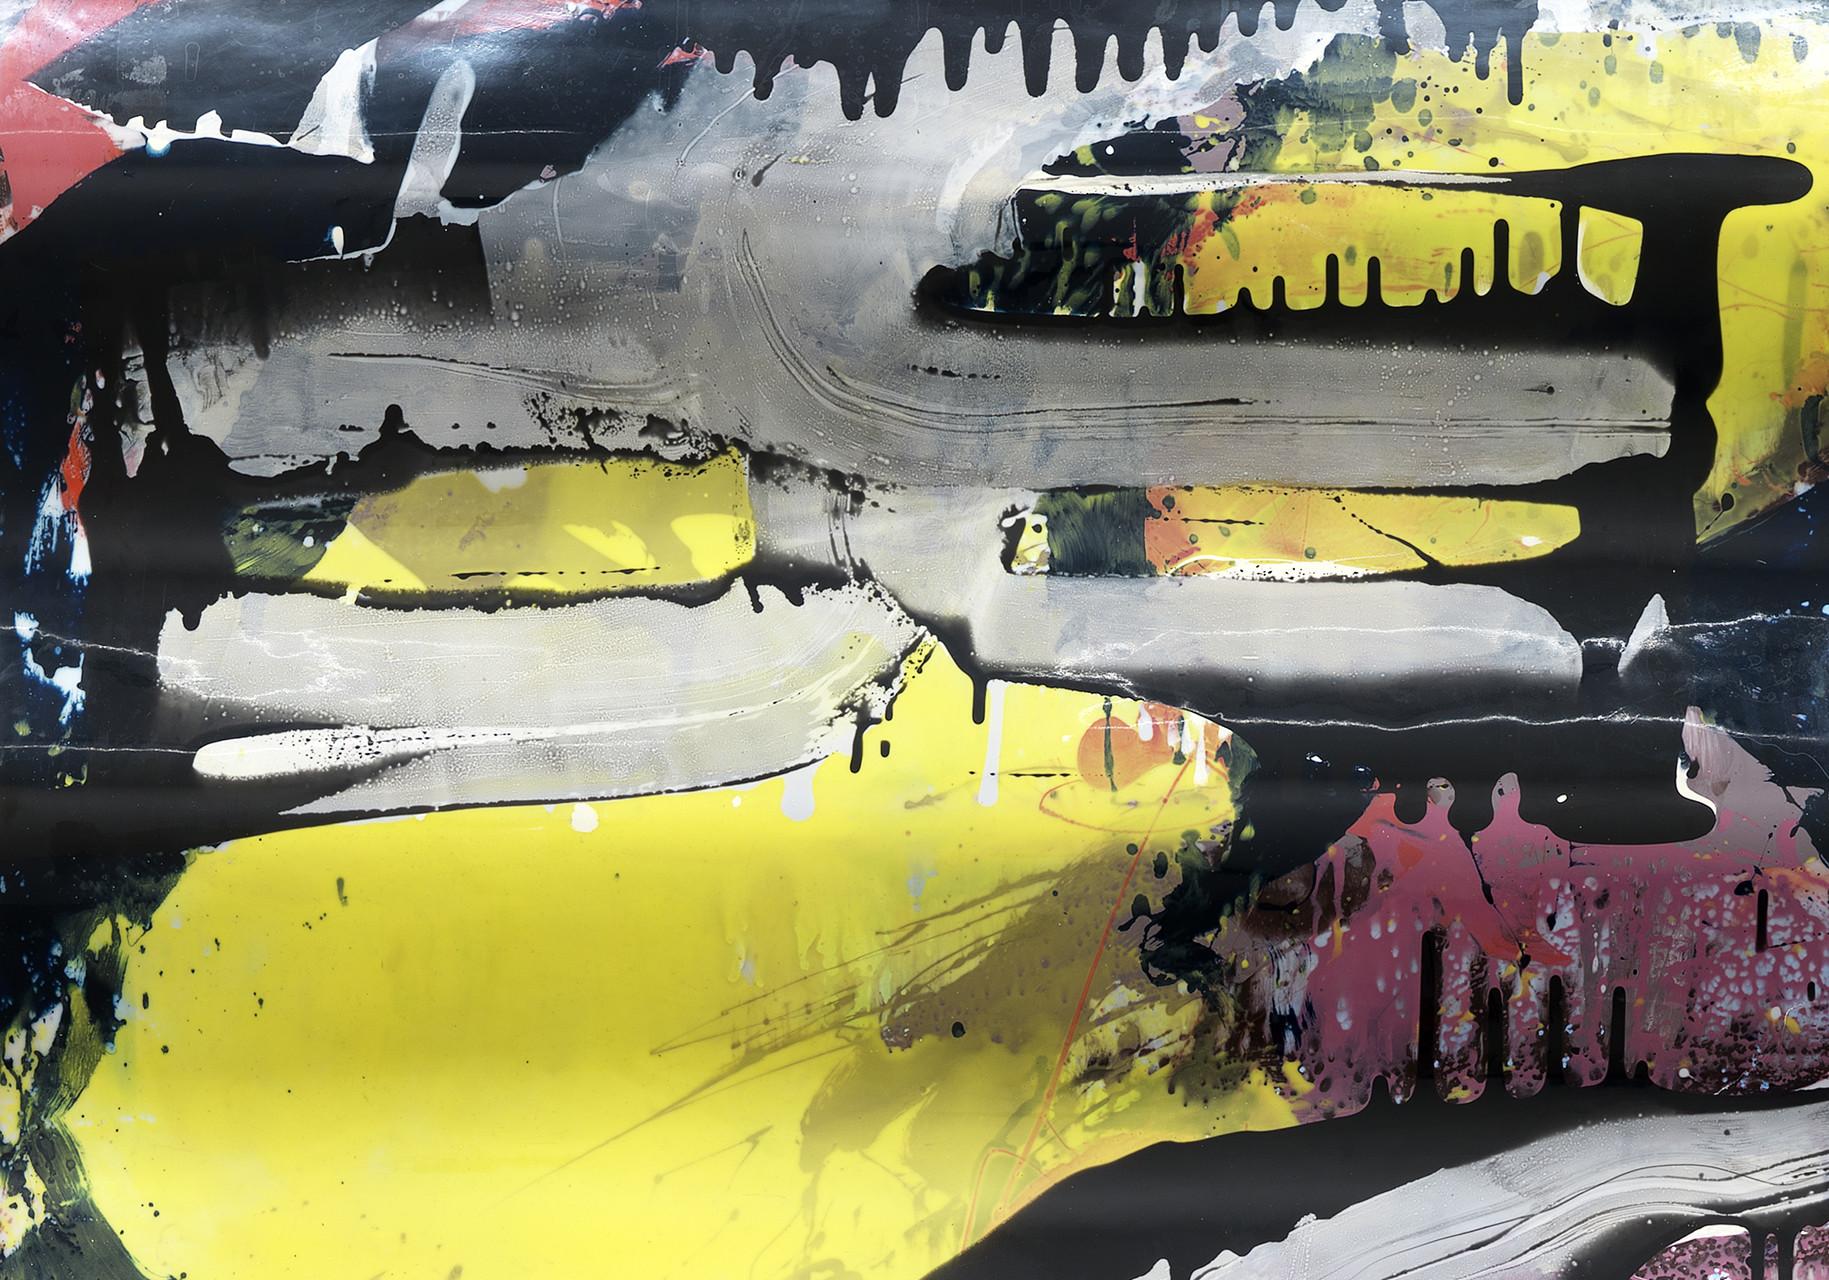 """<div class=""""artwork_caption""""><p>Untitled, 2016 [detail]</p></div>"""